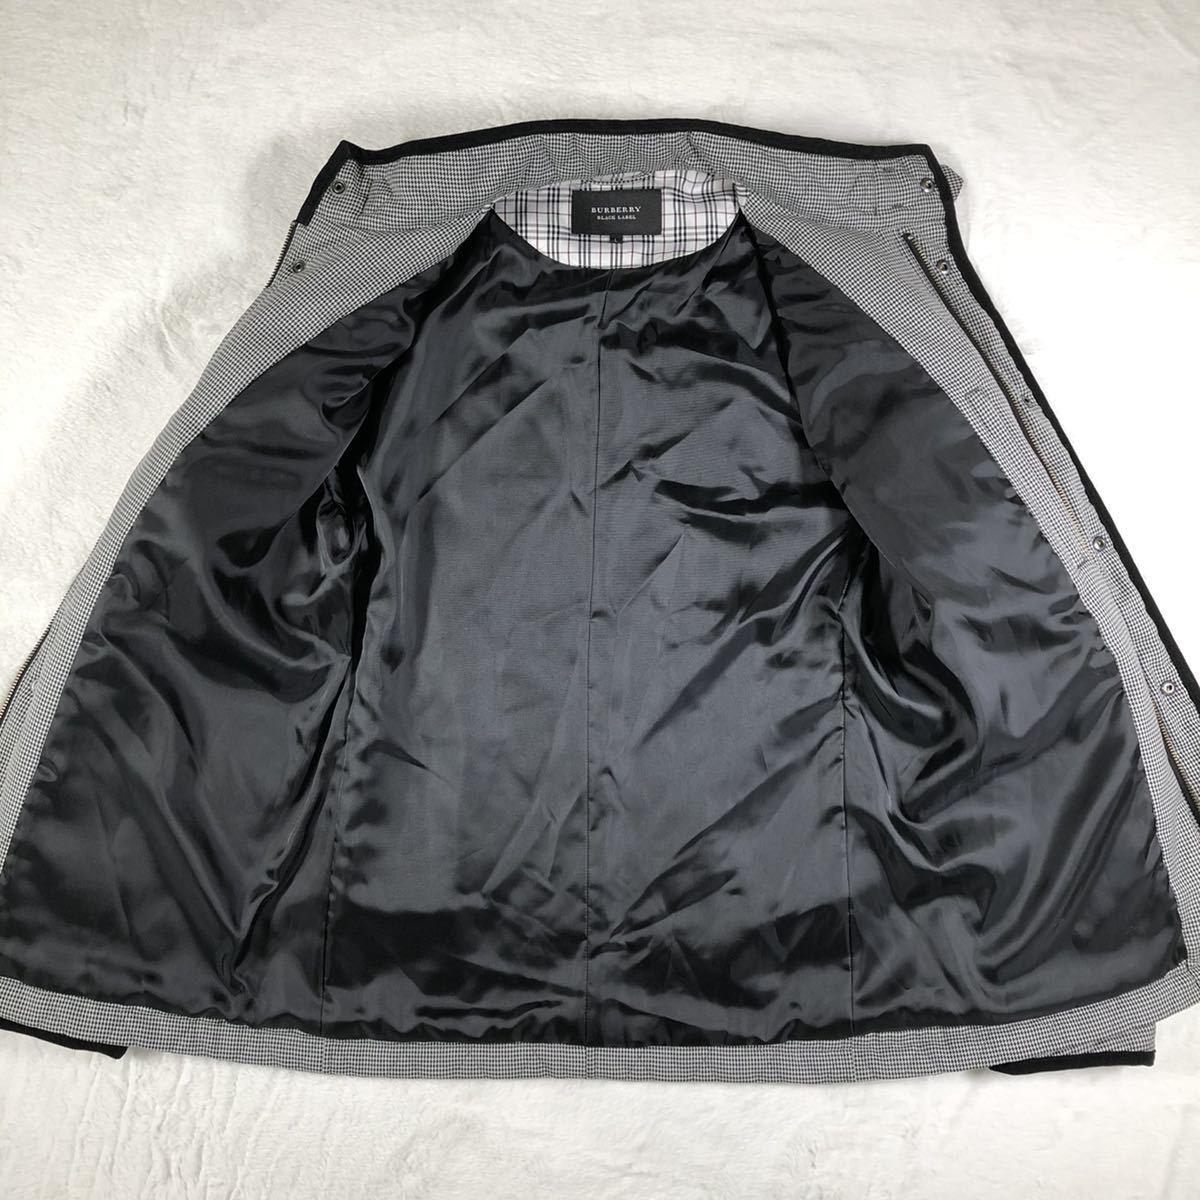 【ほぼ新品・極希少】バーバリーブラックレーベル キルティングジャケット 千鳥格子 Lサイズ BURBERRY BLACK LABEL アウター ブルゾン_画像6